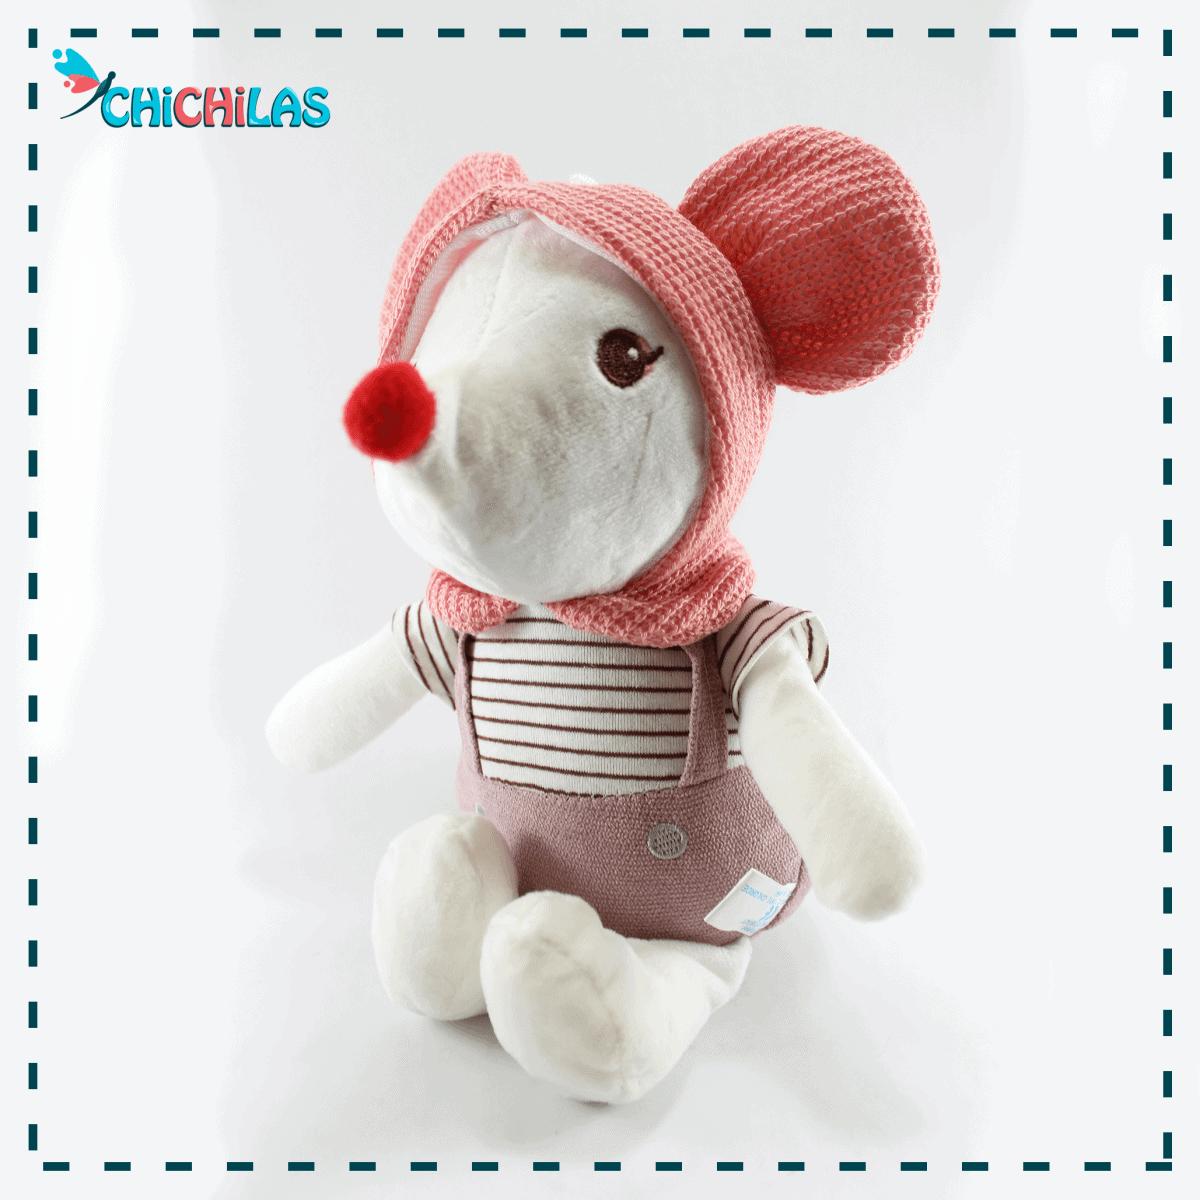 عروسک ولنتاین 98 - عروسک ولنتاین 2020 - عروسک موش ولنتاین - عروسک ولنتاین امسال - عروسک ولنتاین سال 98 - عروسک موش